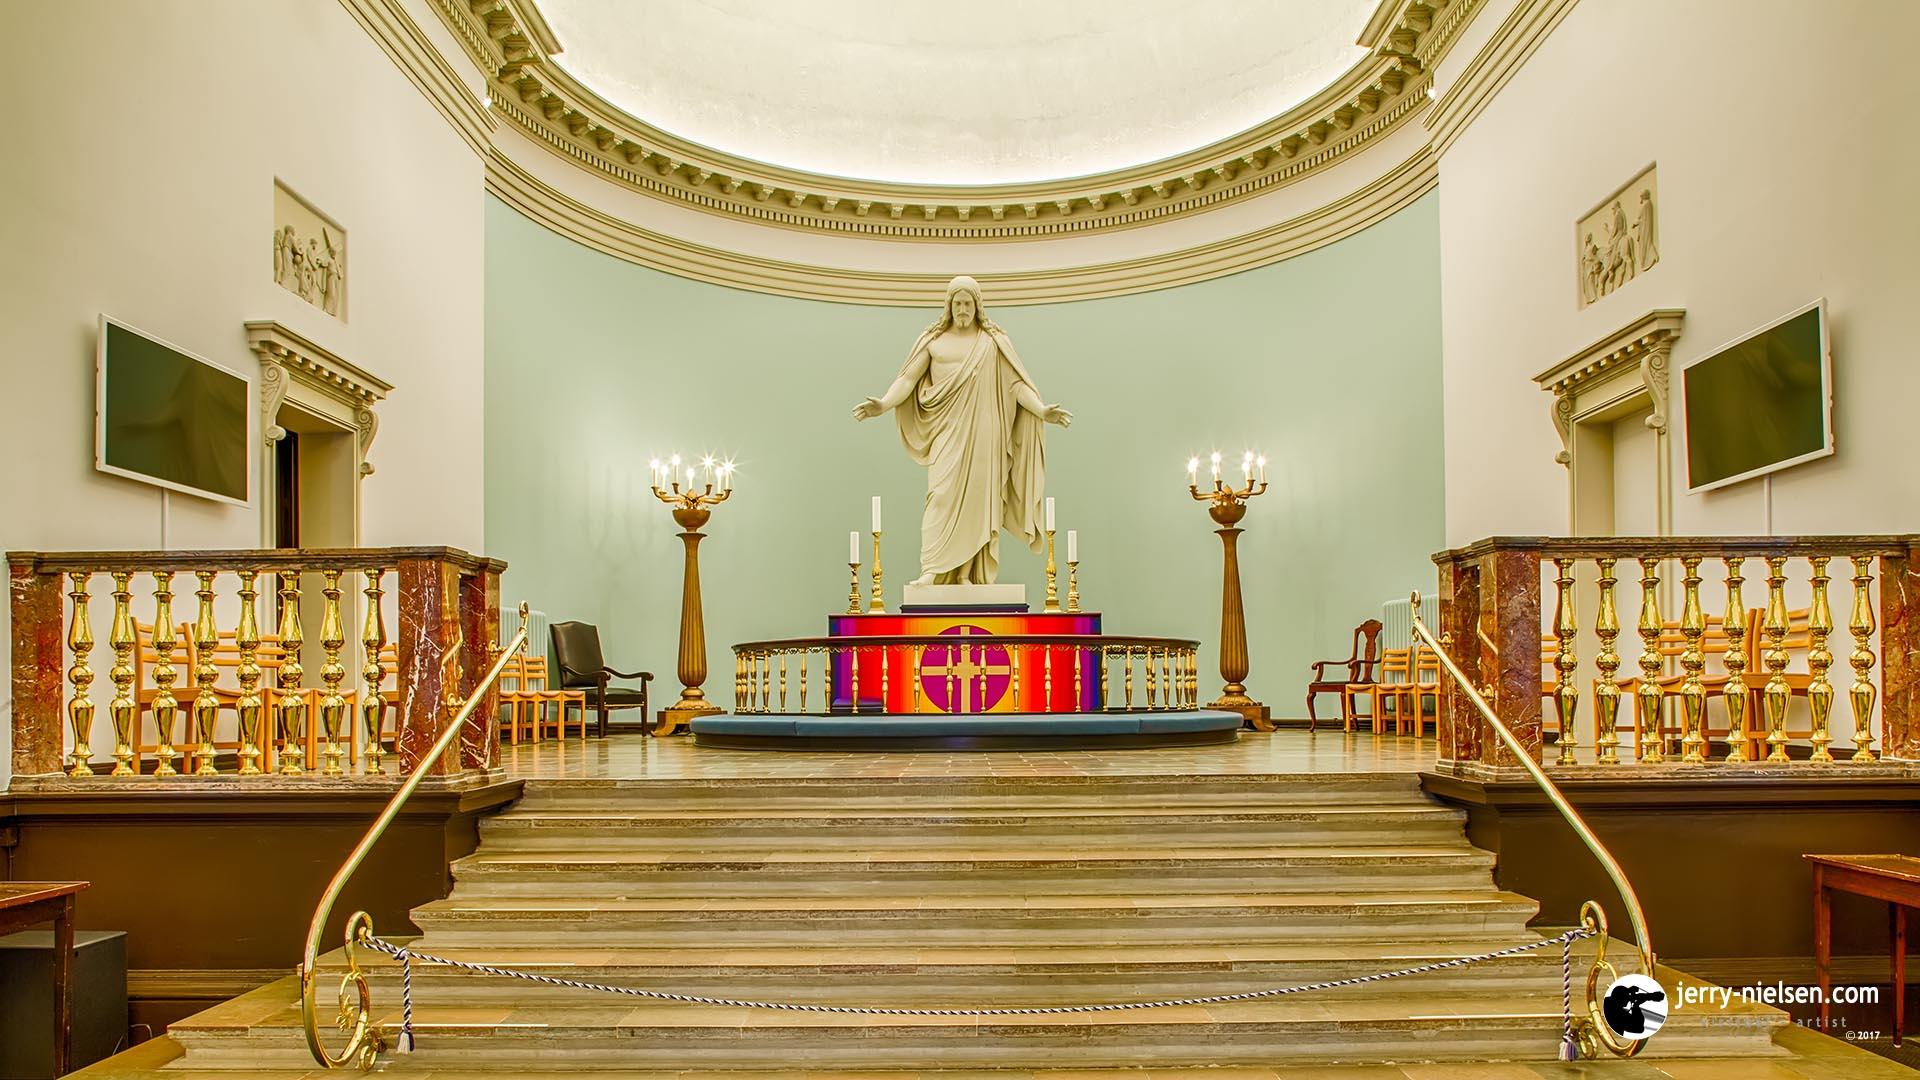 Kirstkirken Kolding Altar, shot in HDR.